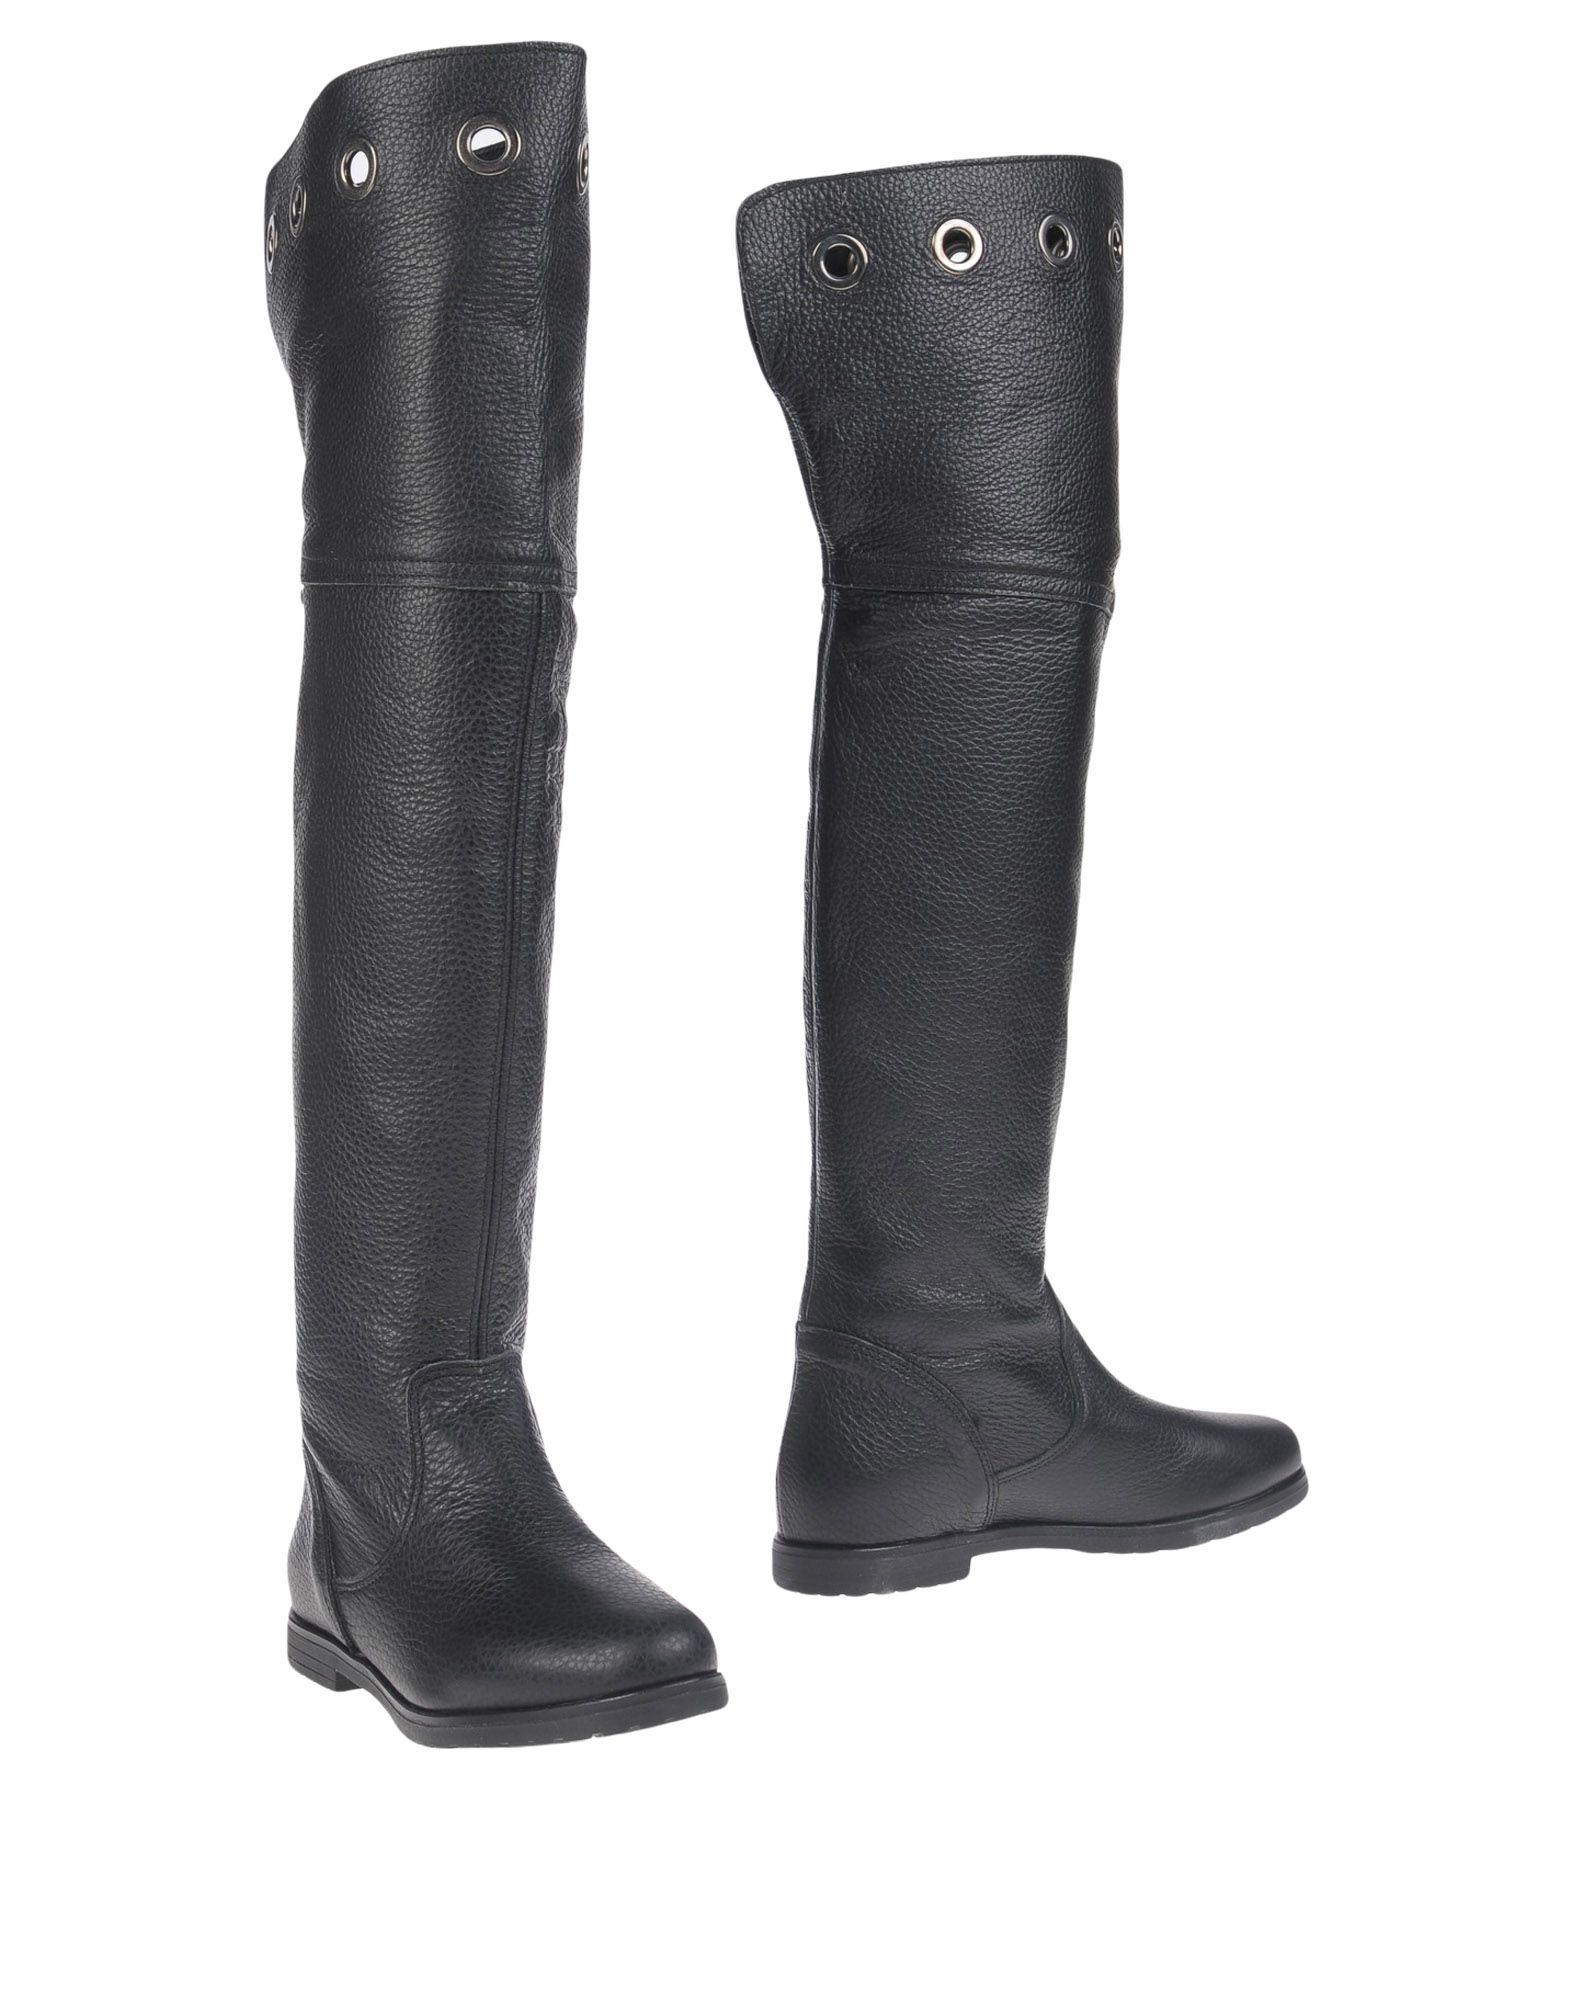 Stilvolle Stilvolle Stilvolle billige Schuhe Liu •Jo Shoes Stiefel Damen  11286099PQ 49210f